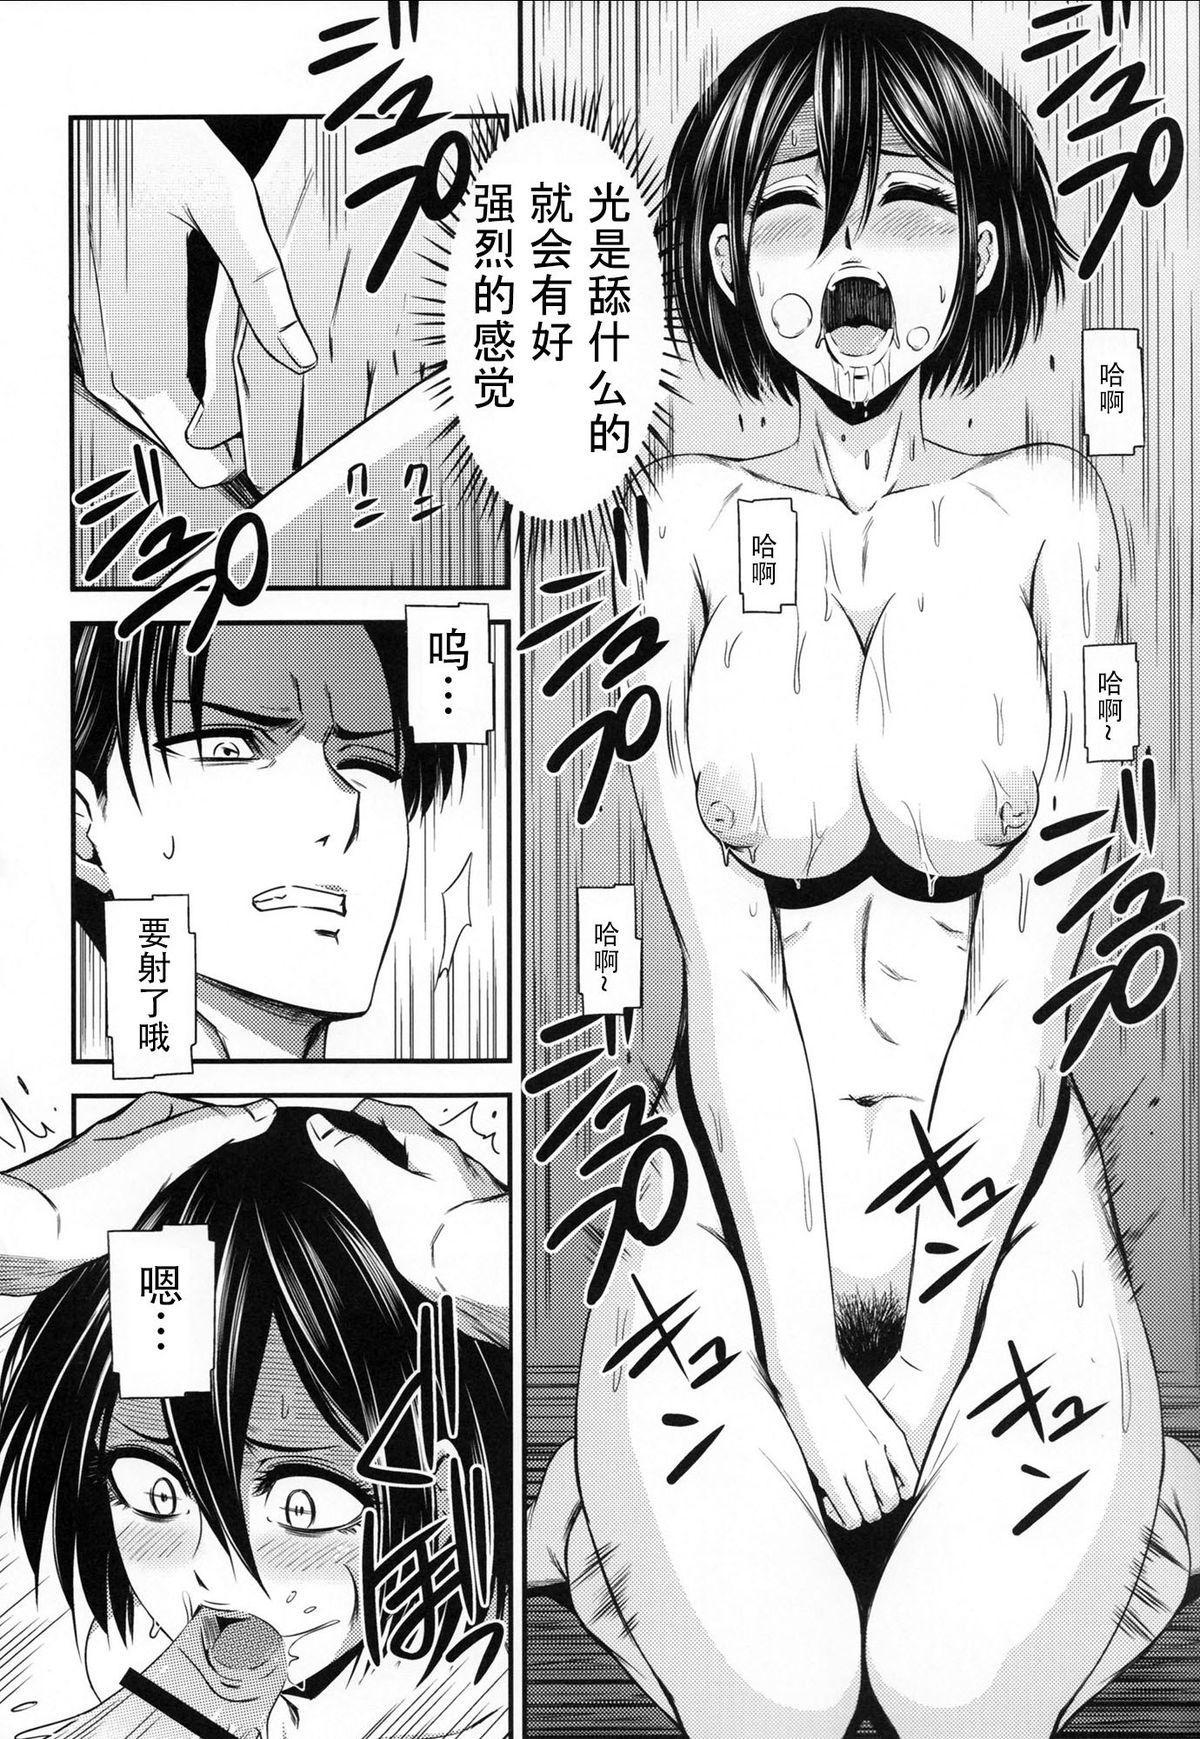 Gekishin San 21